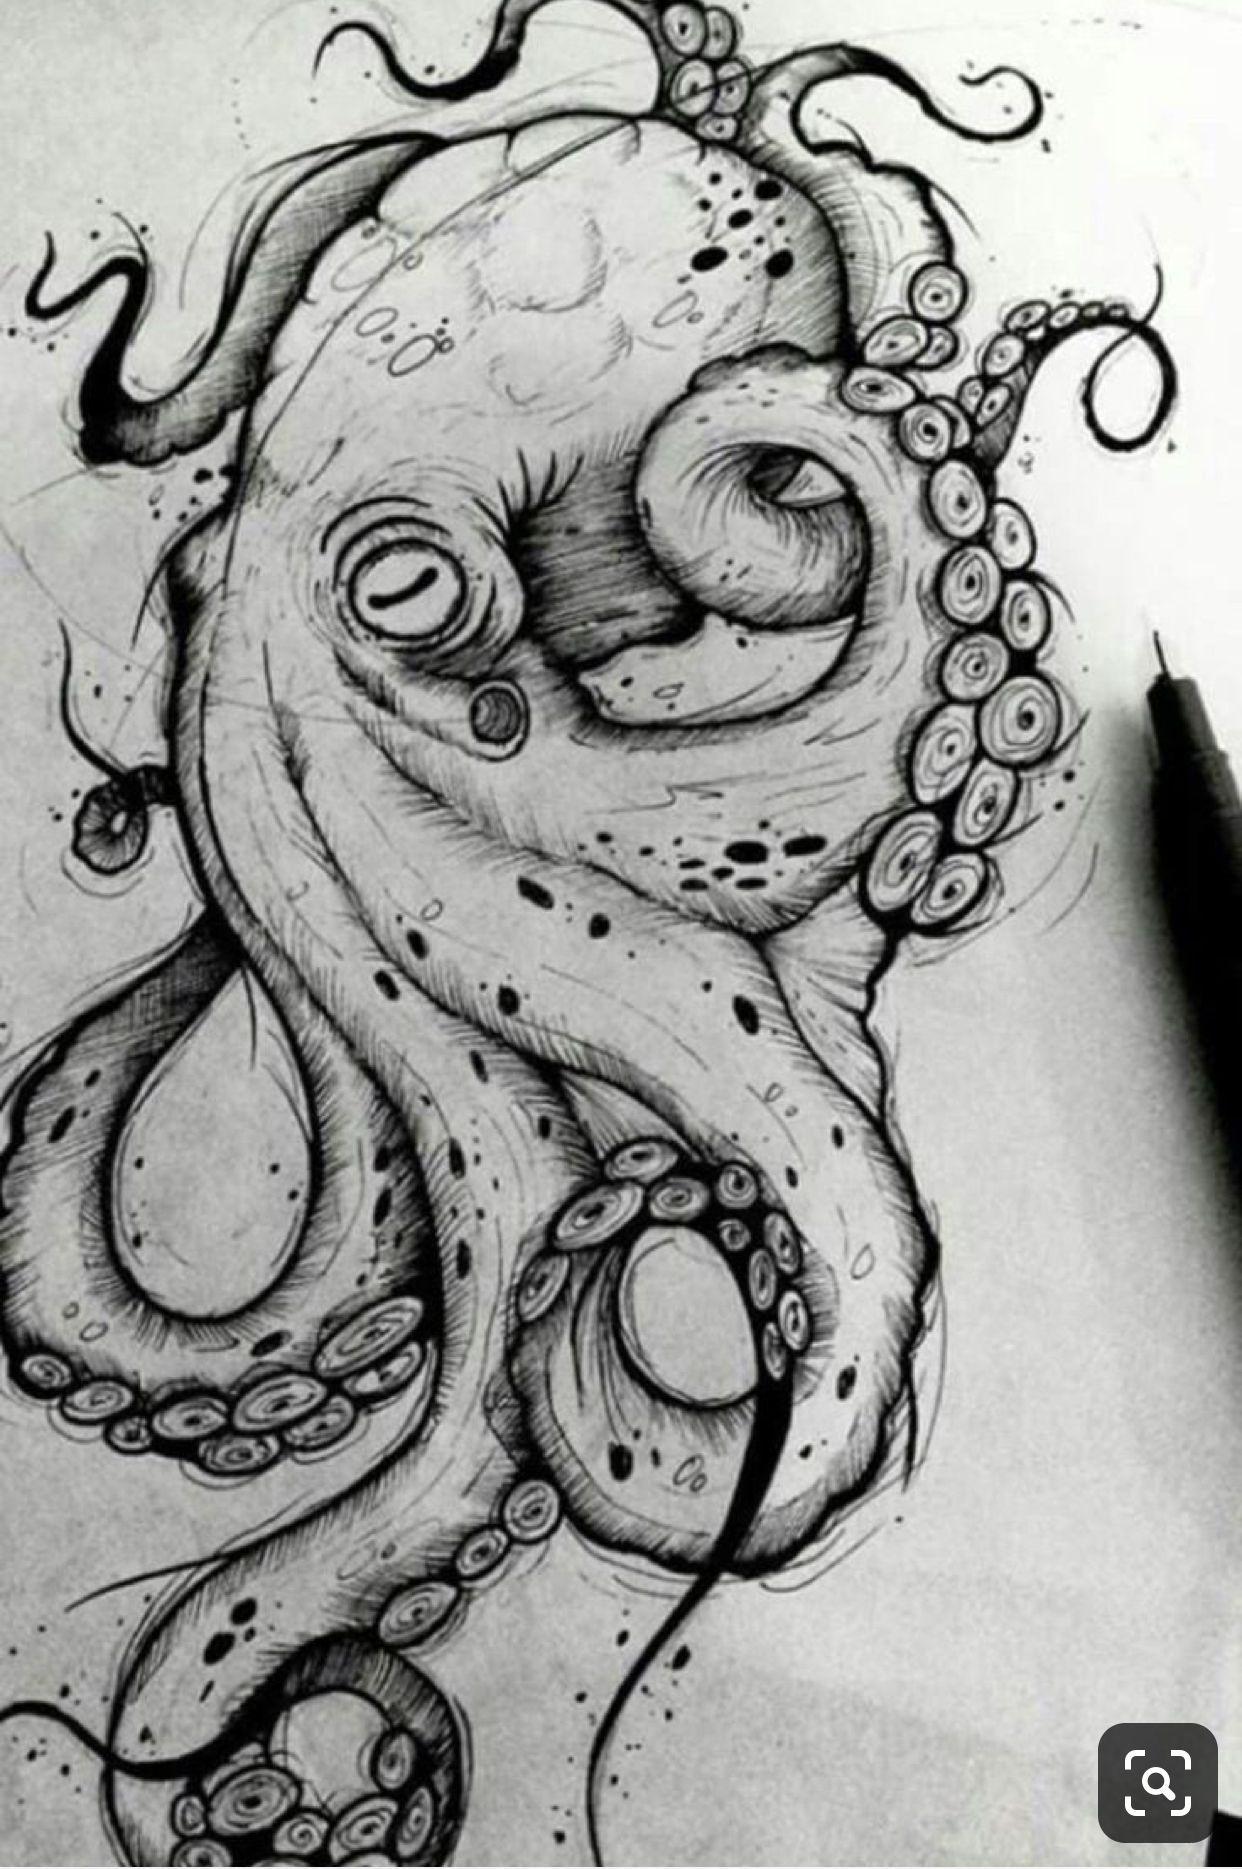 Octopustattoolegkraken In 2020 Octopus Tattoo Design Octopus Drawing Octopus Tattoo